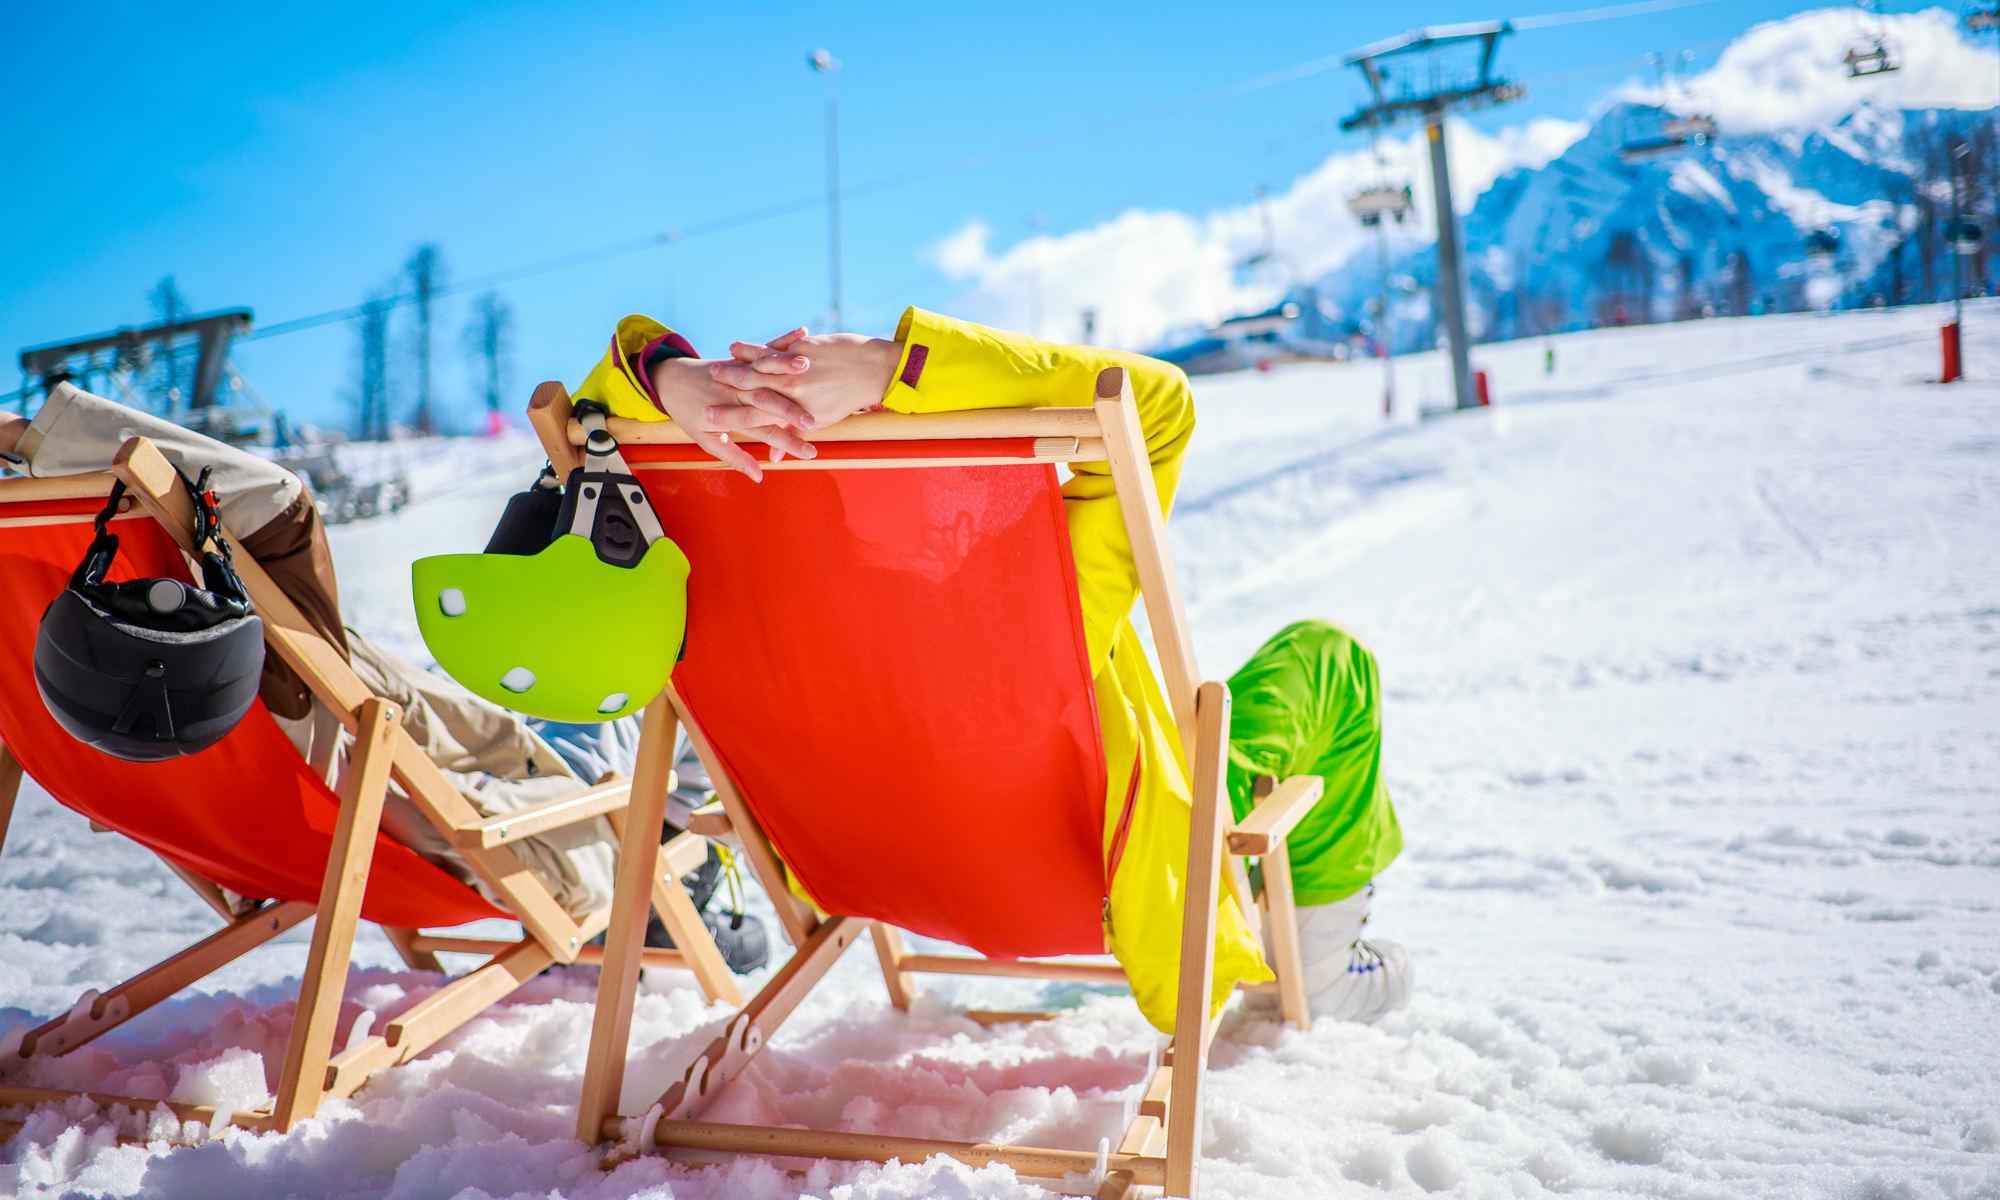 2 sciatori si rilassano a bordo pista su delle sdraio colorate a Cervinia.